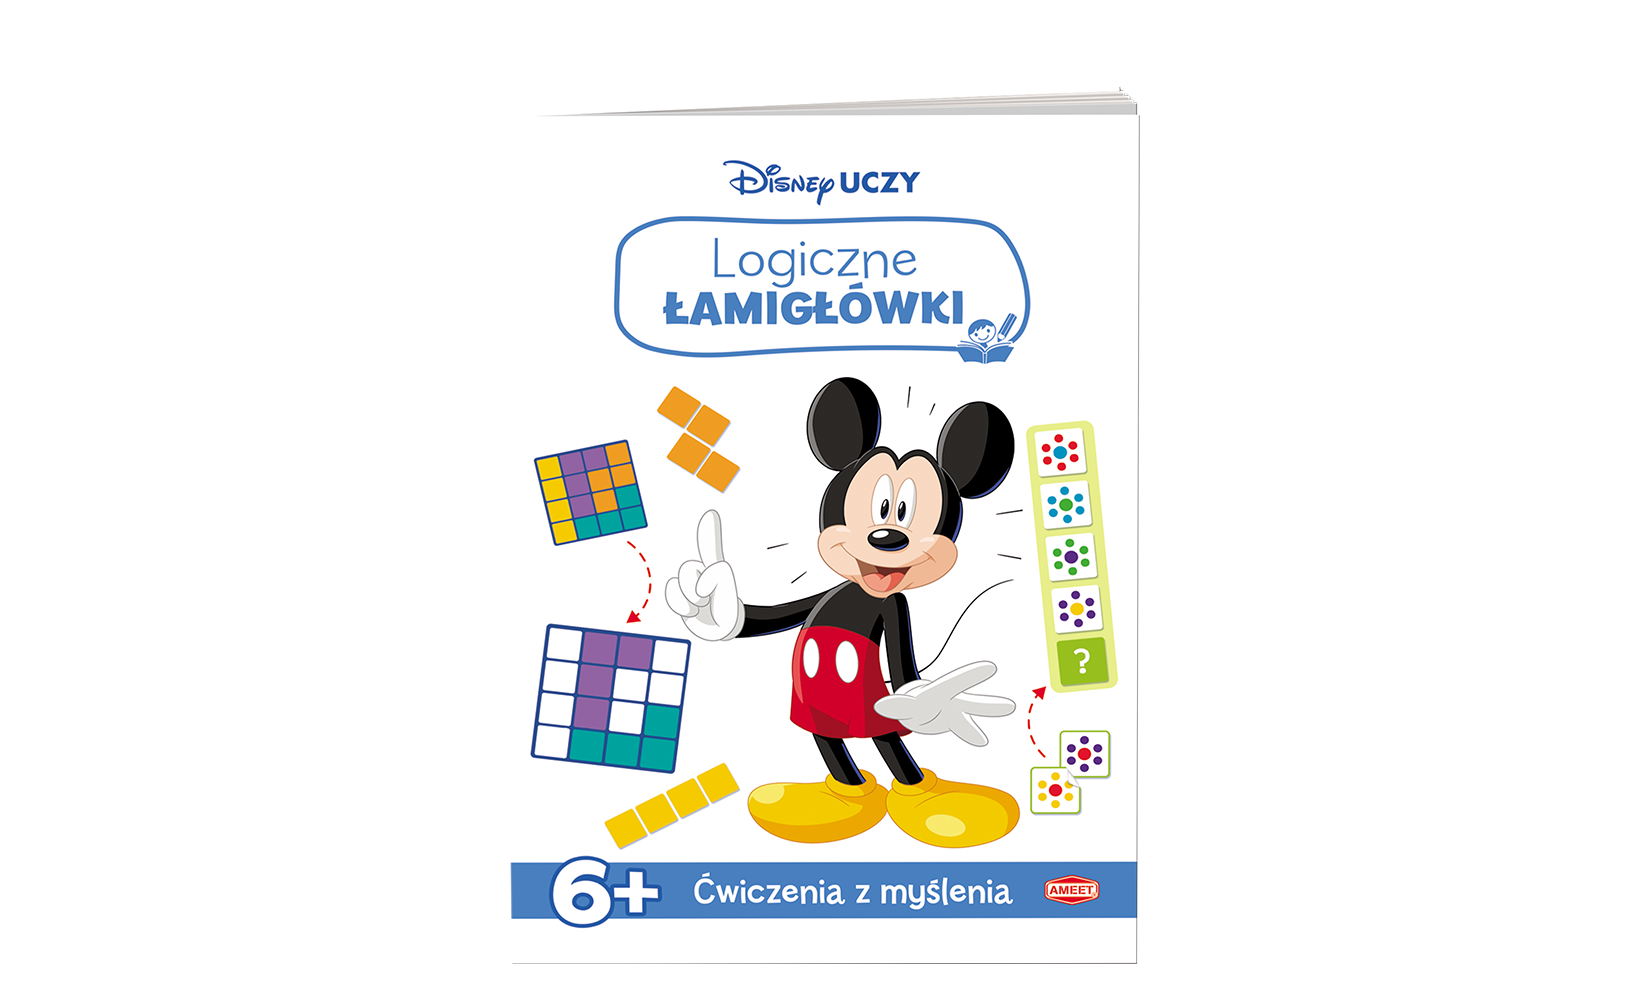 Disney Uczy. Logiczne Łamigłówki